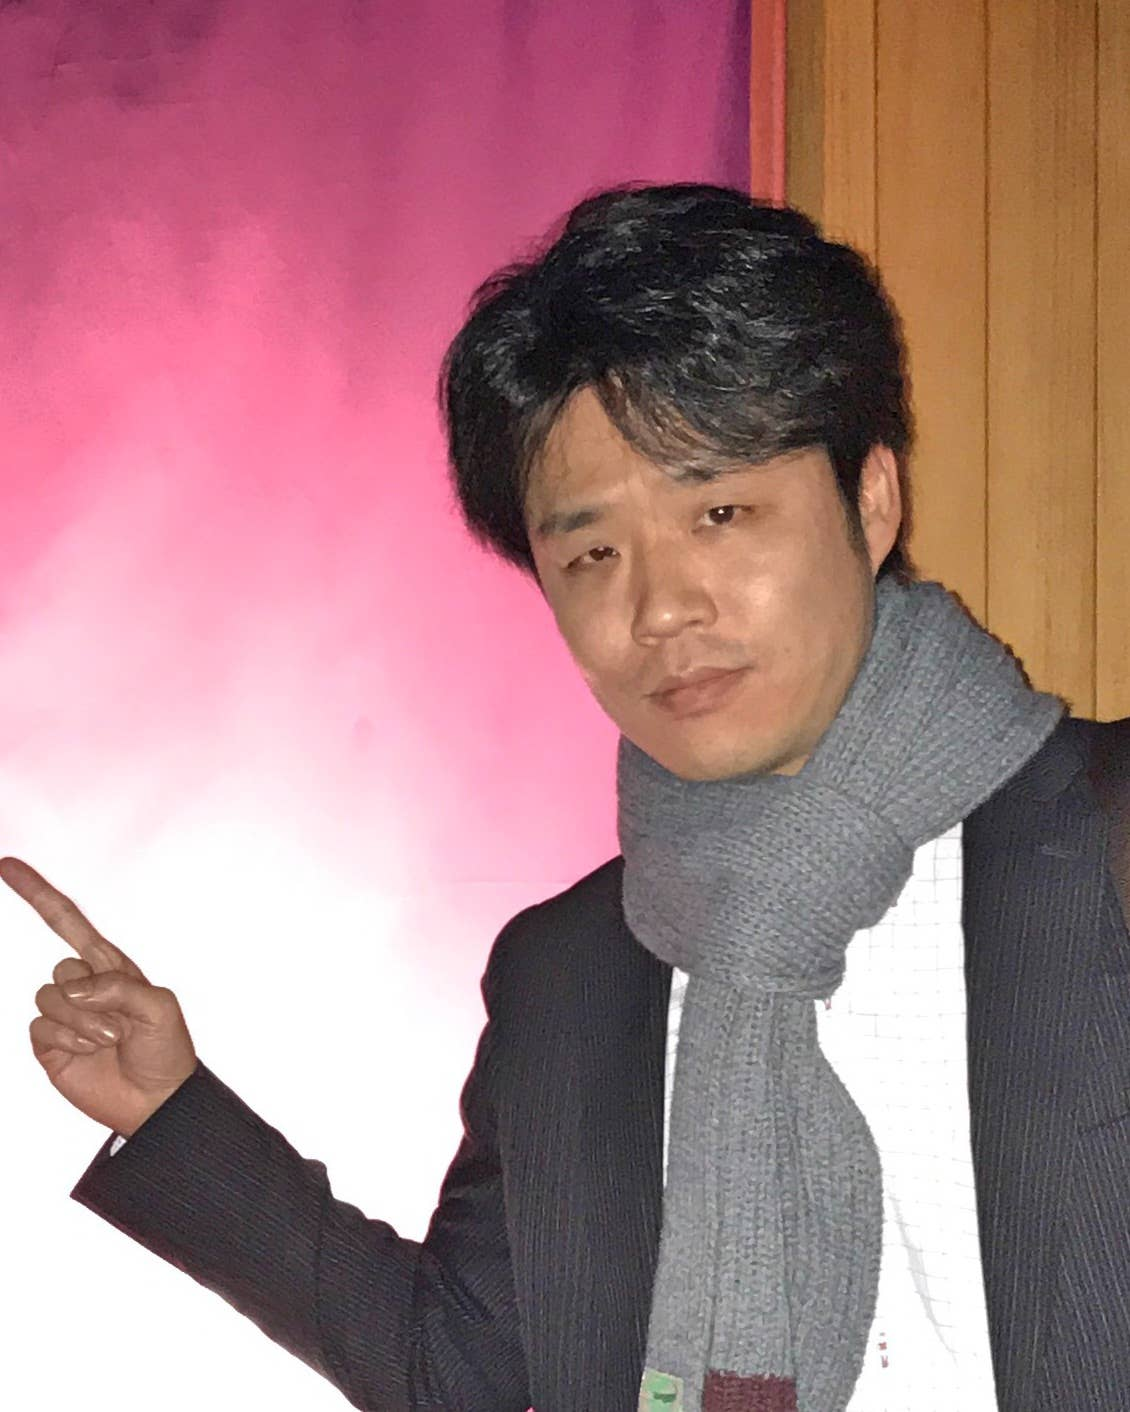 D.Nanami